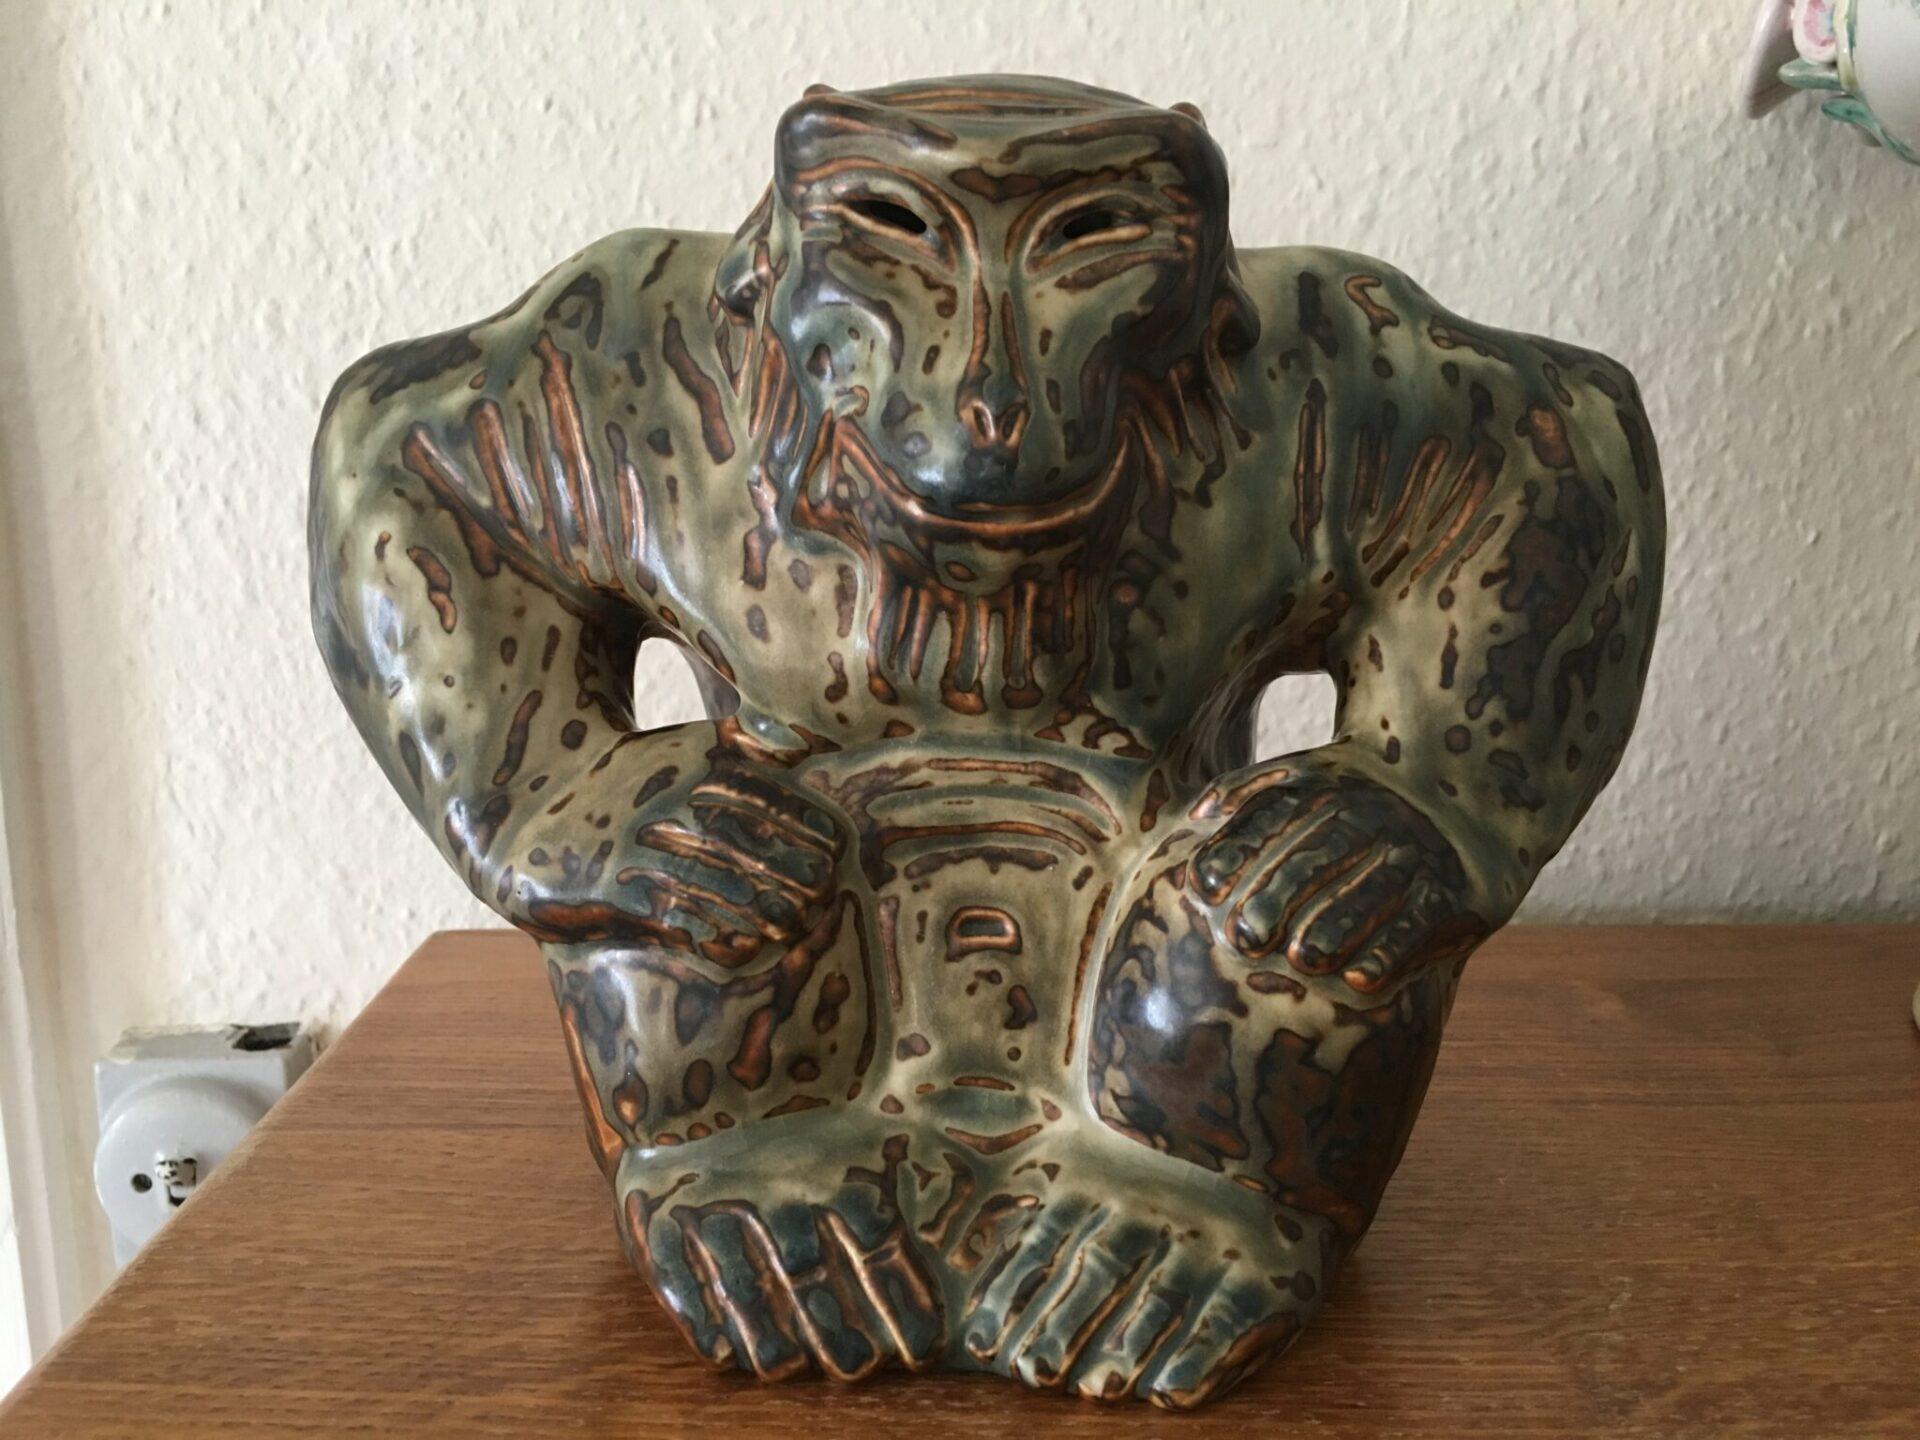 Knud Kyhn, Kongelig stentøj, nr. 20142, 1. sortering, Sungglasur. Pris 2000 kr